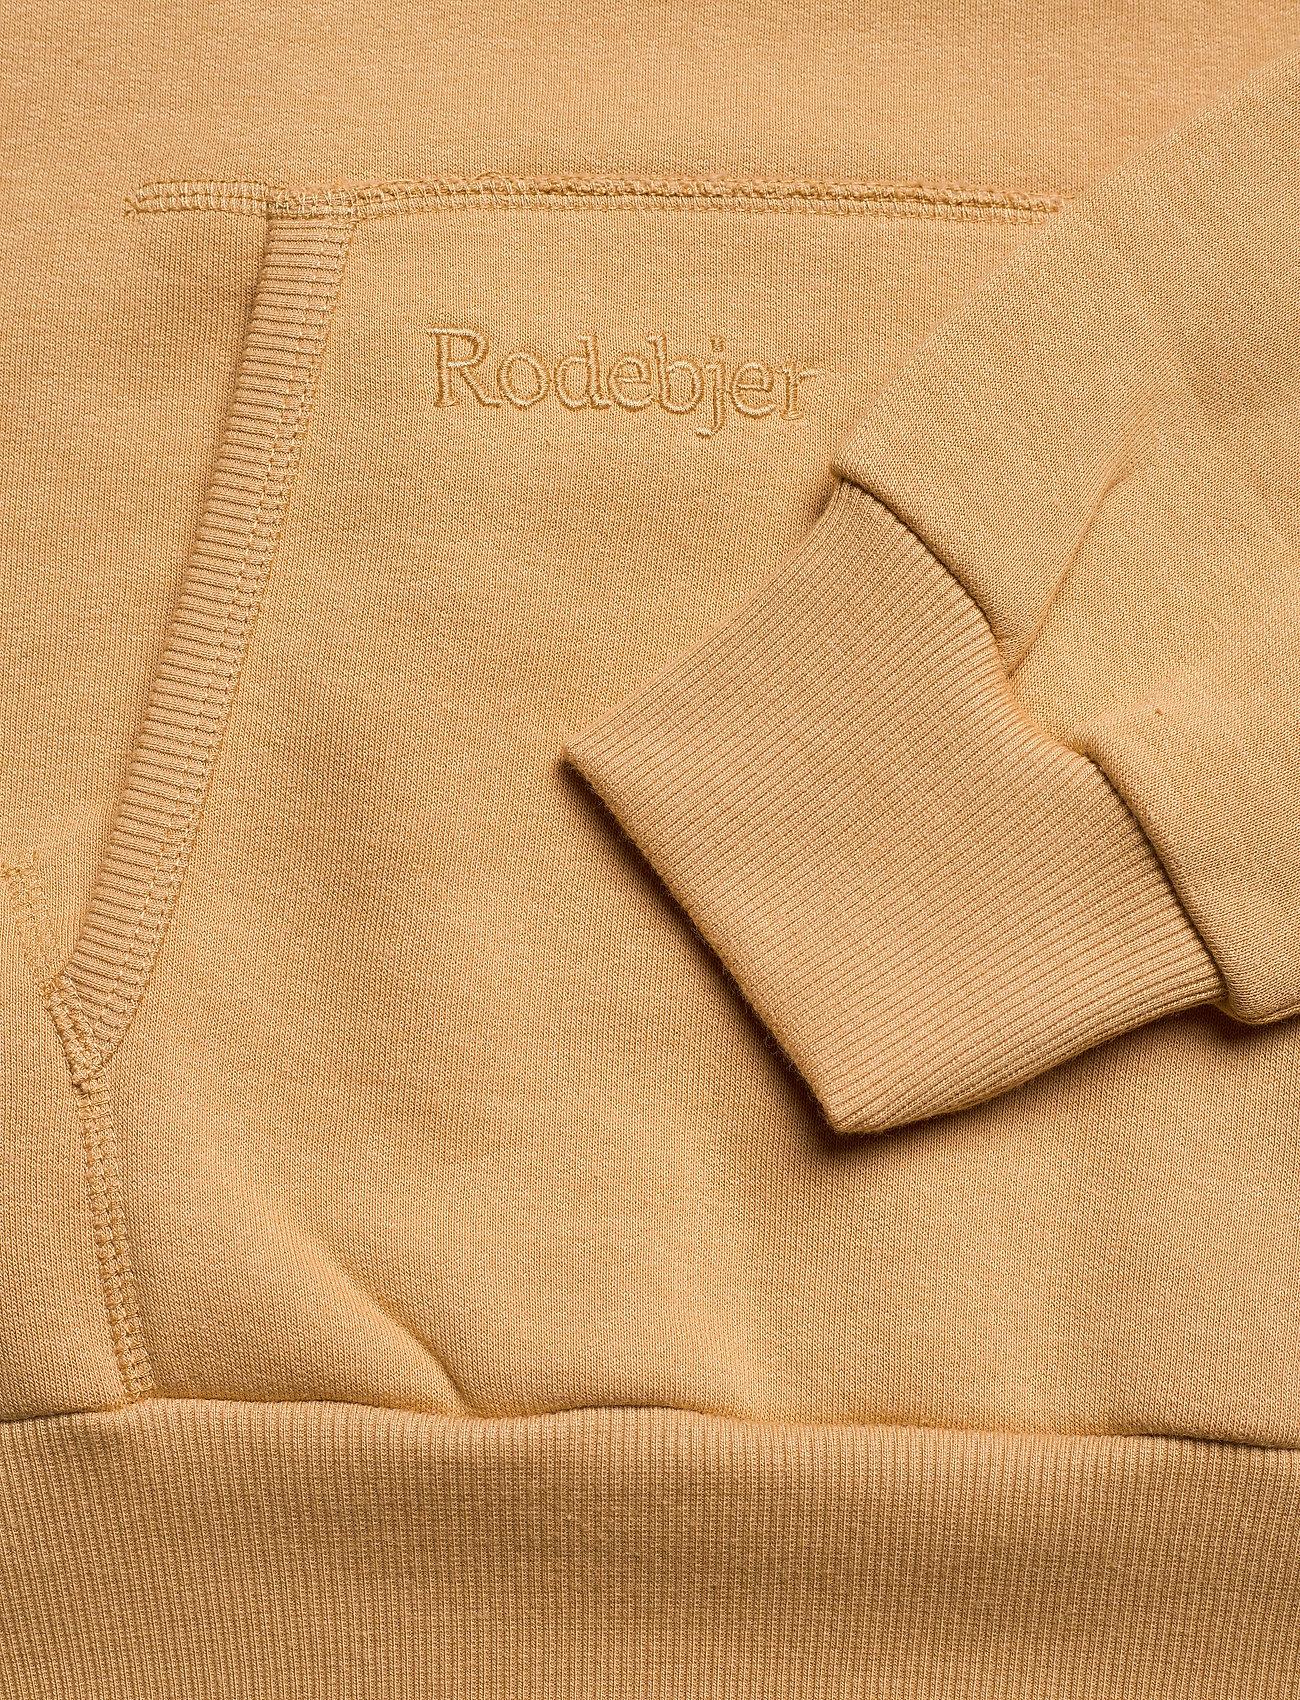 RODEBJER - RODEBJER MARQUESSA - sweatshirts & hættetrøjer - camel - 3